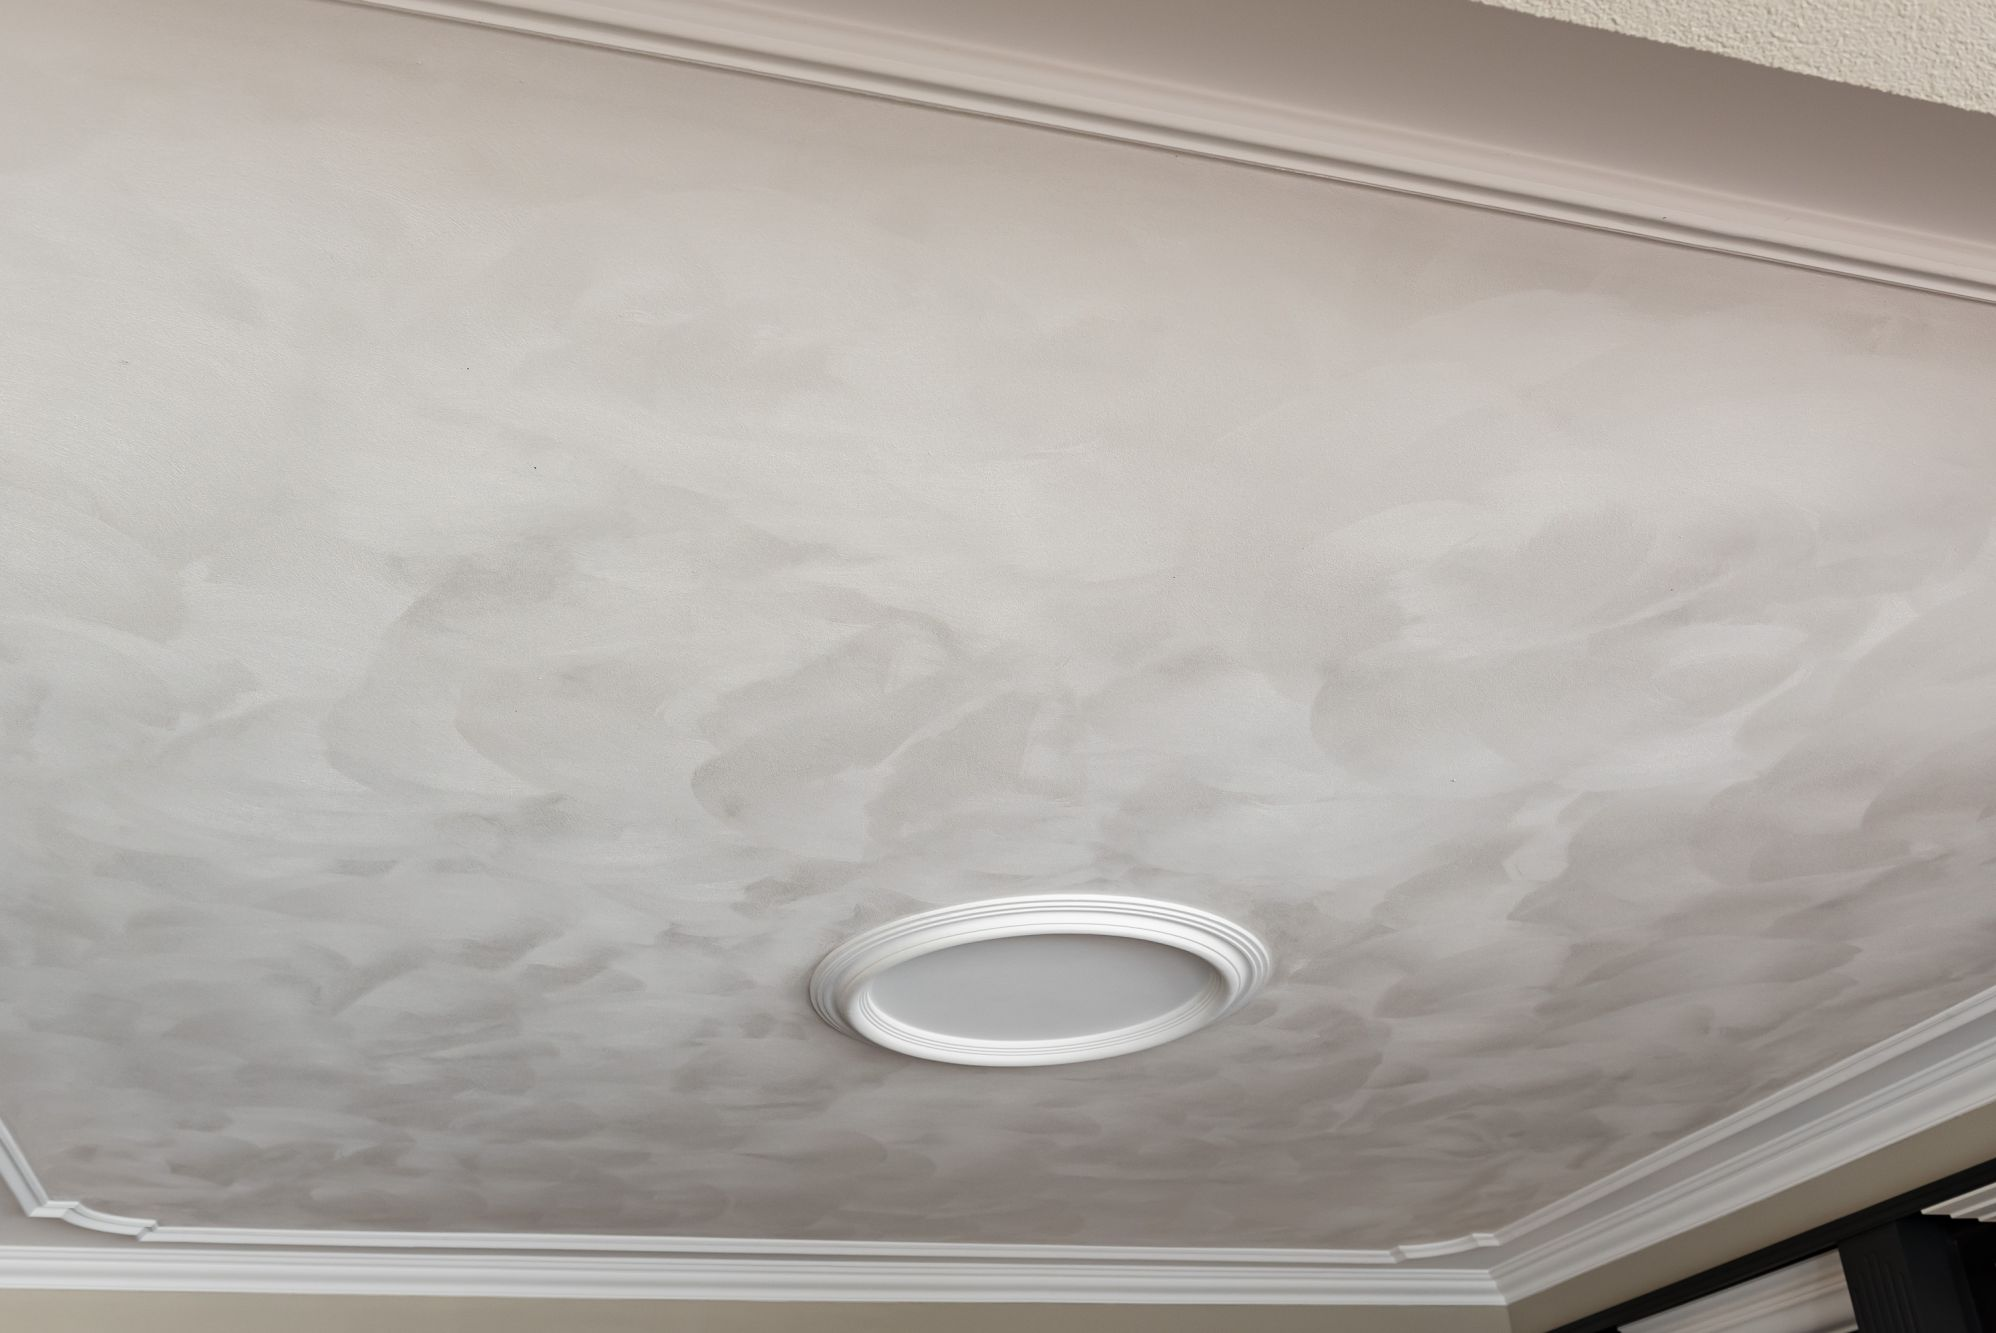 plafond schuurwerk met perklijst en glad stucwerk eromheen